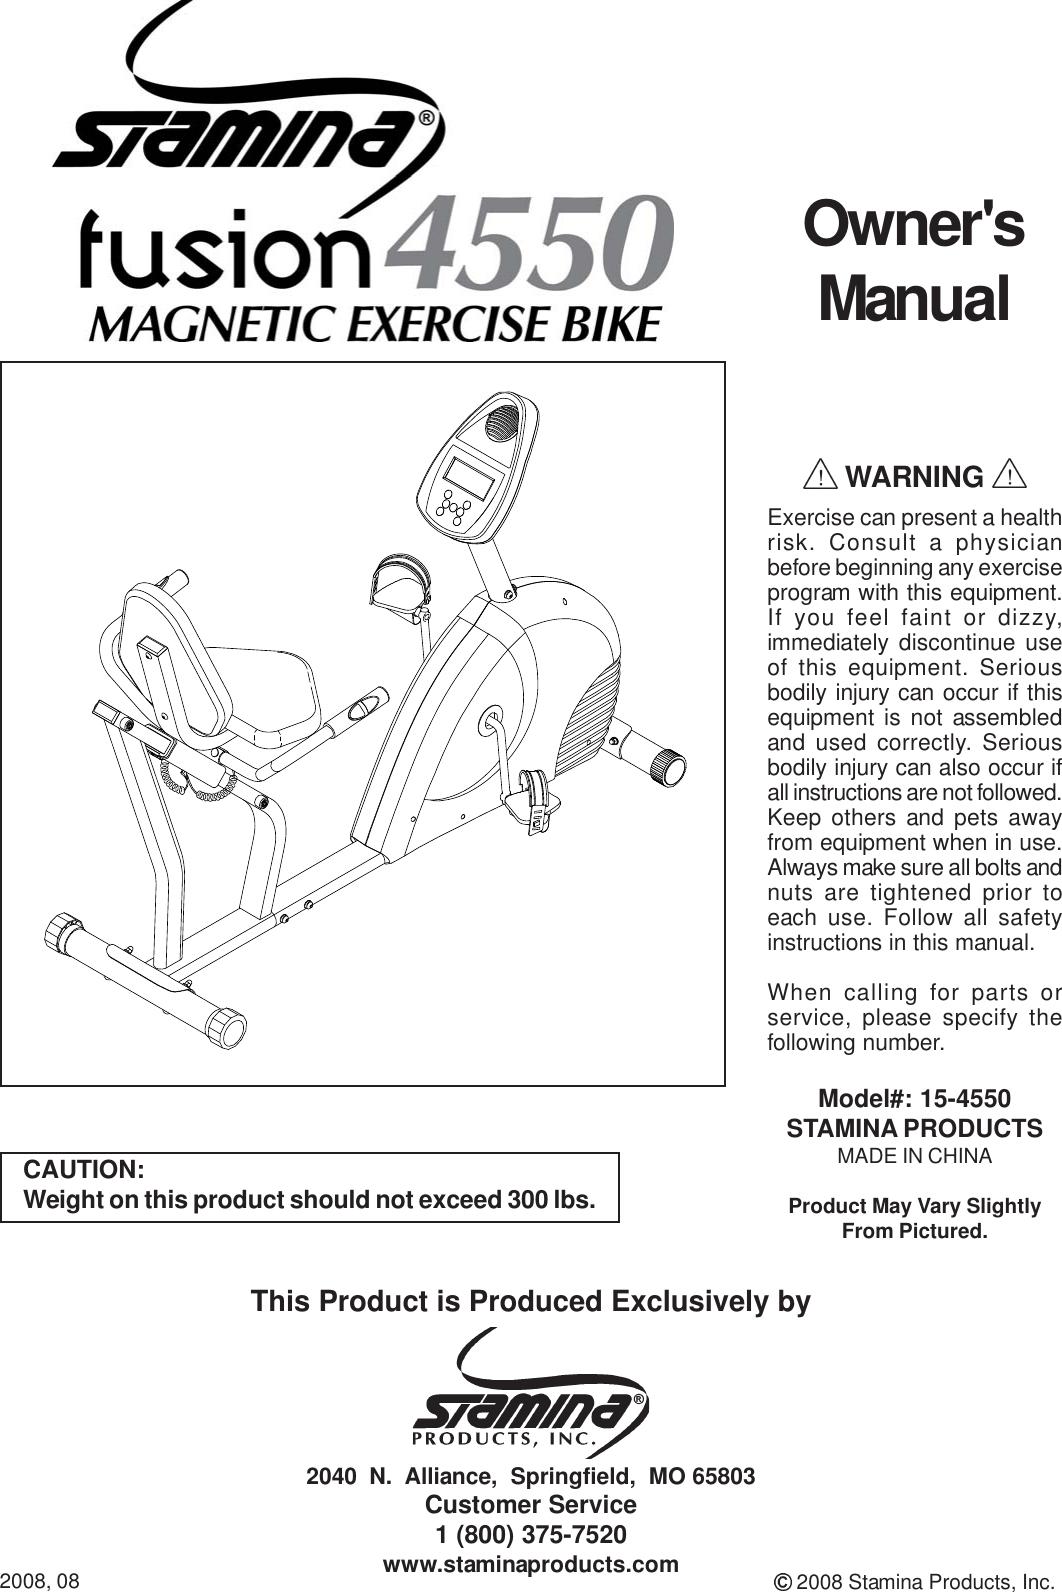 Stamina Exercise Bike 15 4550 Users Manual 4545NNNN